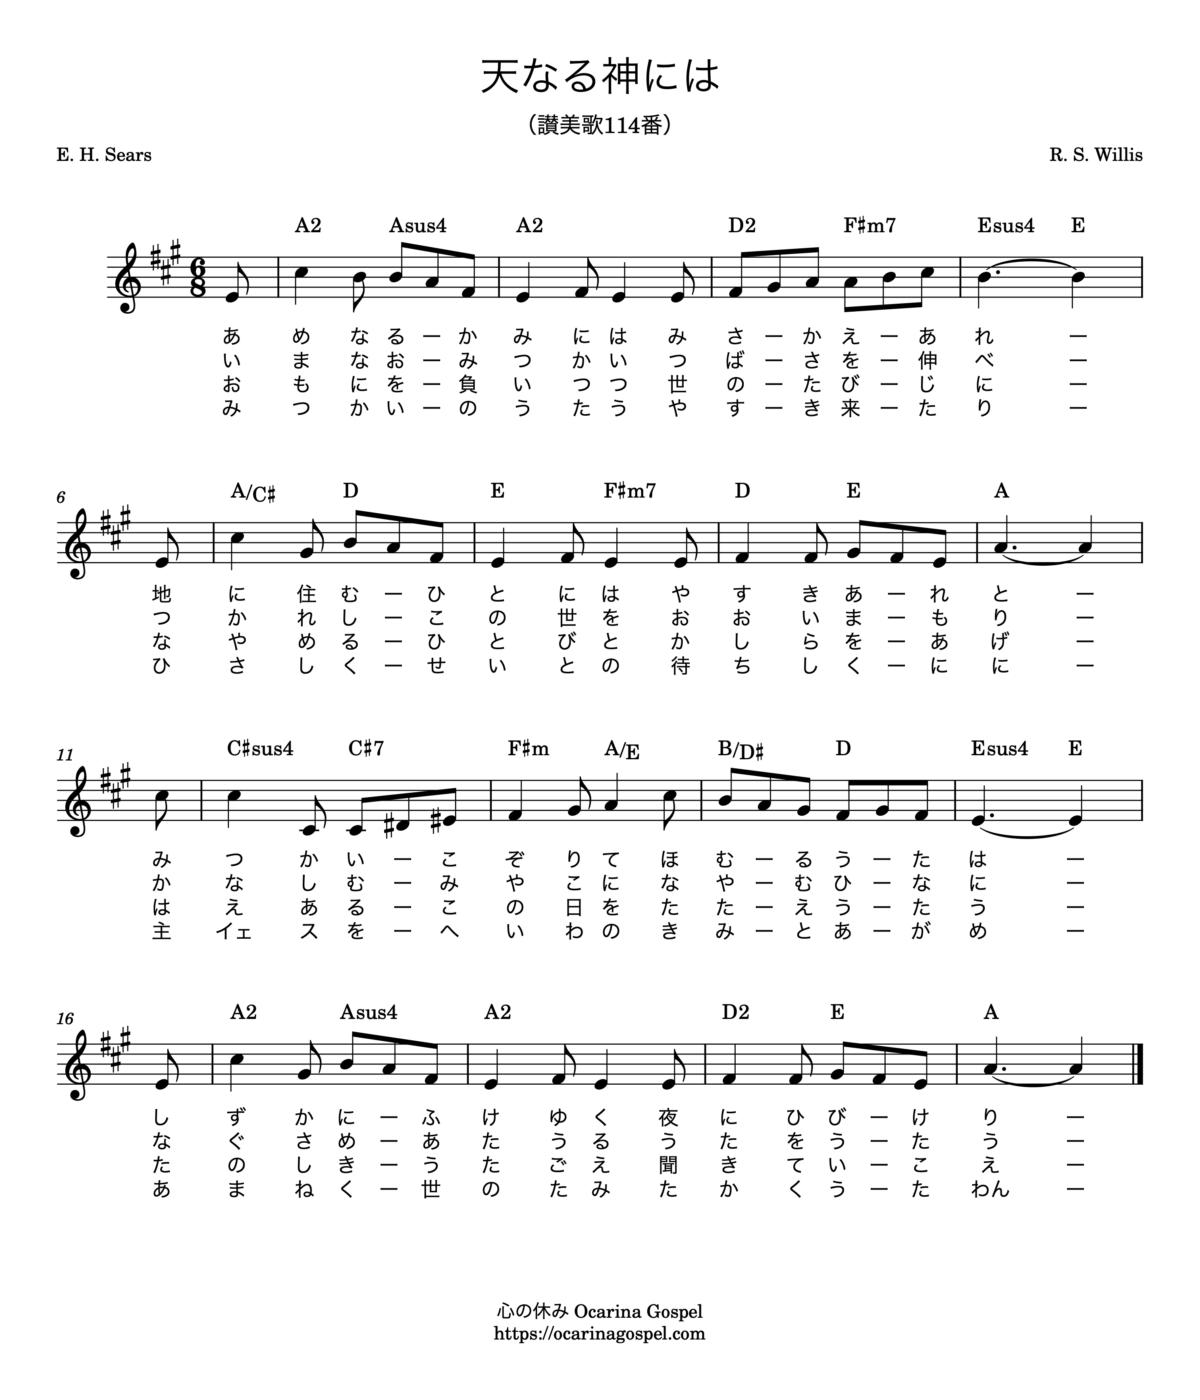 天なる神には 讃美 楽譜